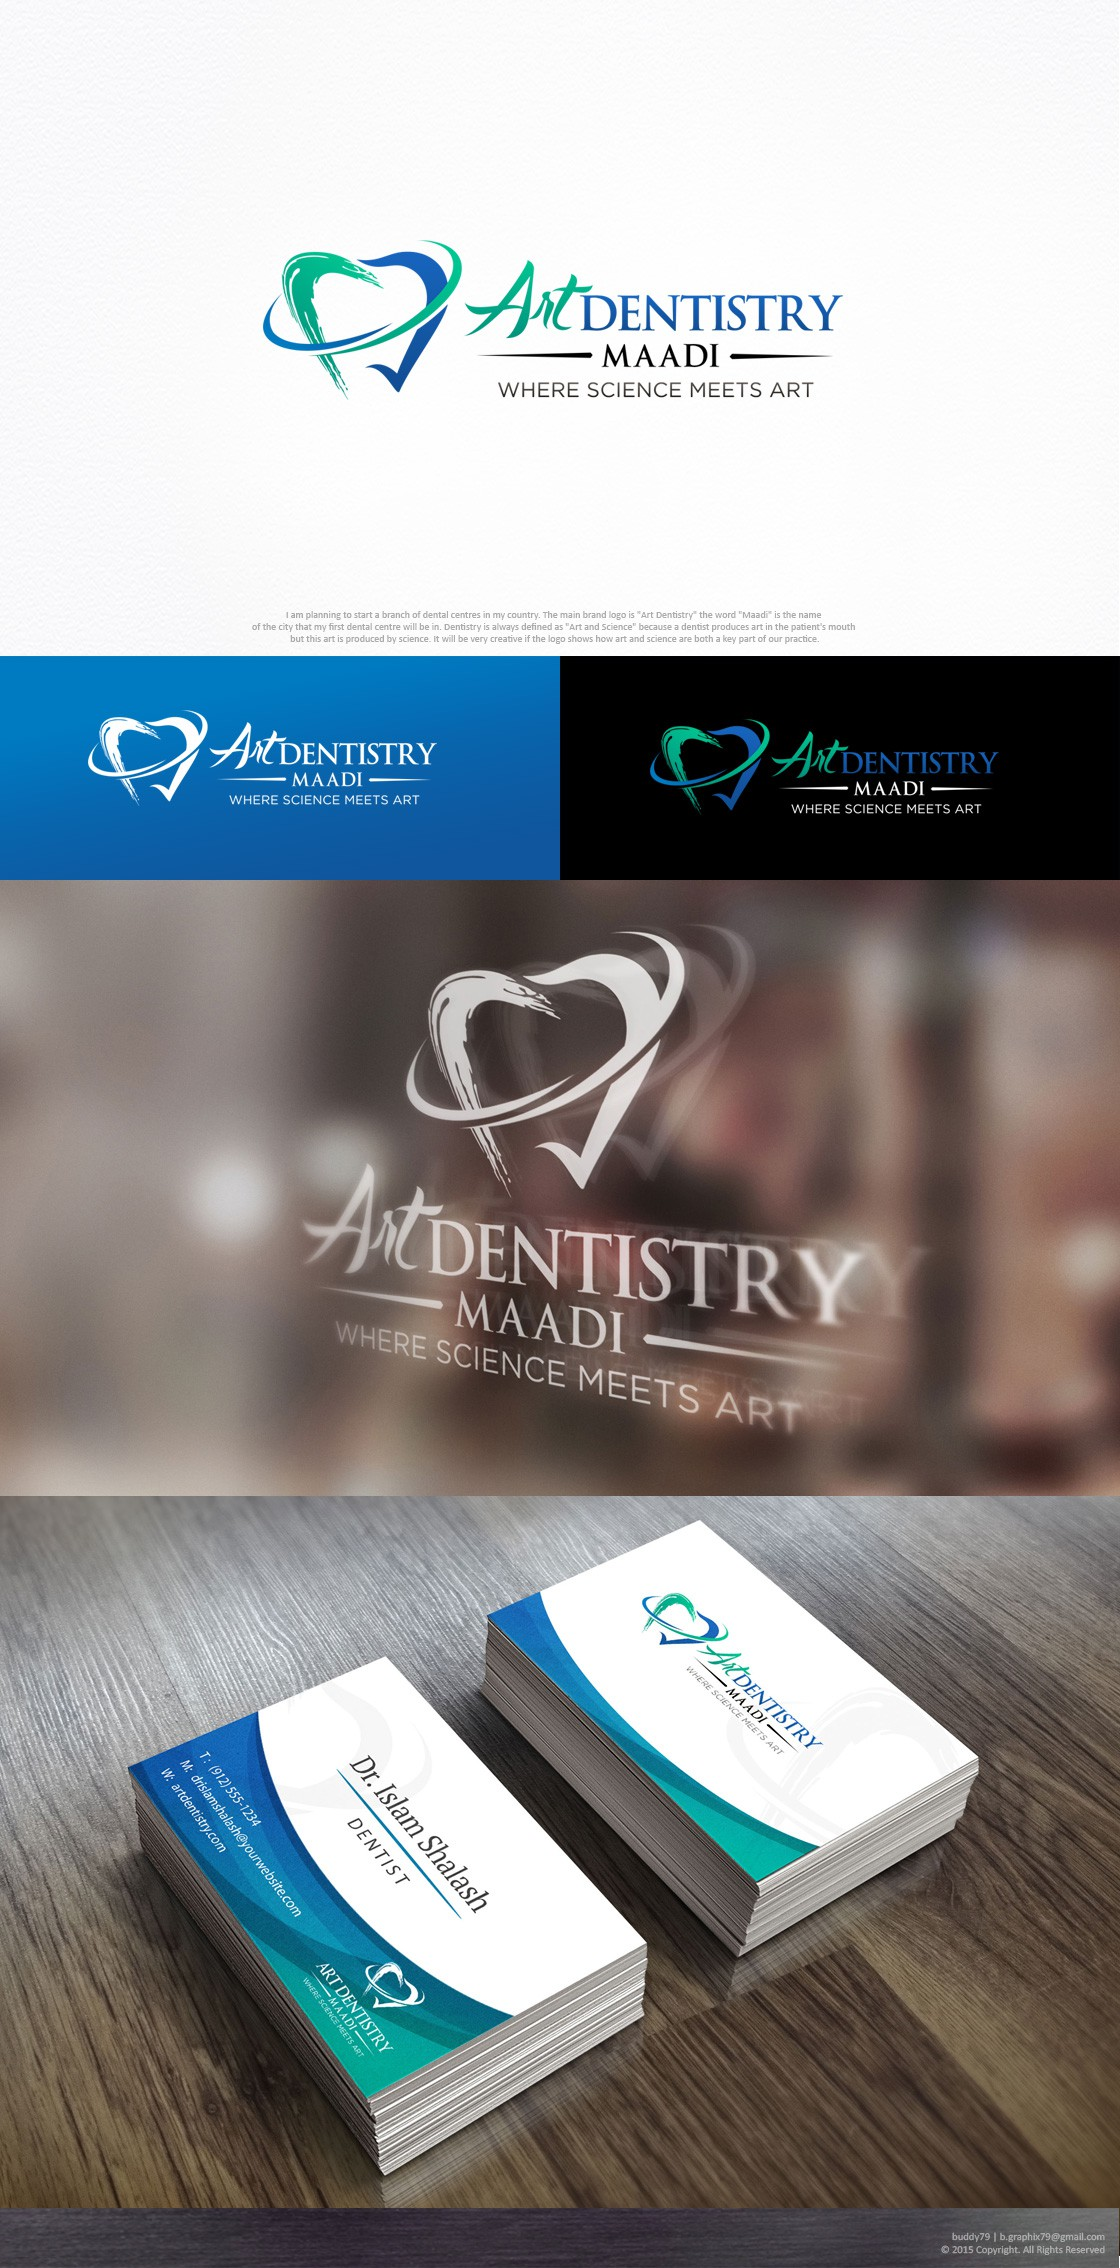 Create a catchy logo for a dental center.